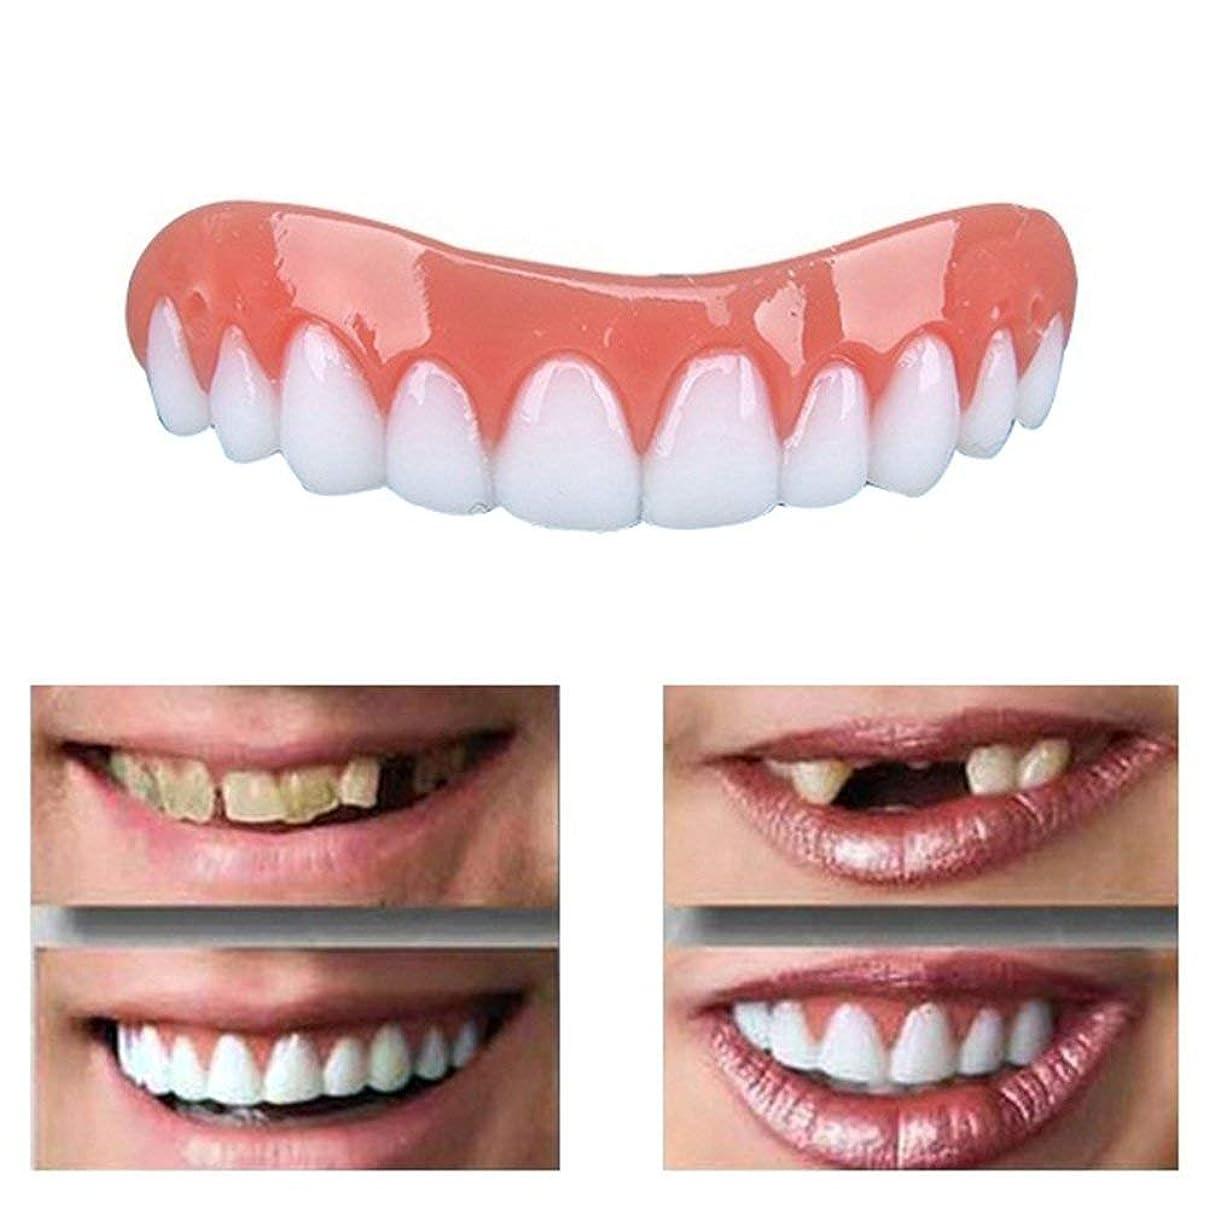 わかるではごきげんようトースト20ピースパーフェクトスマイルベニア偽の歯アッパー偽の歯カバースナップオン即時の歯化粧品義歯のケアオーラルケアシリコーンホワイトニング義歯